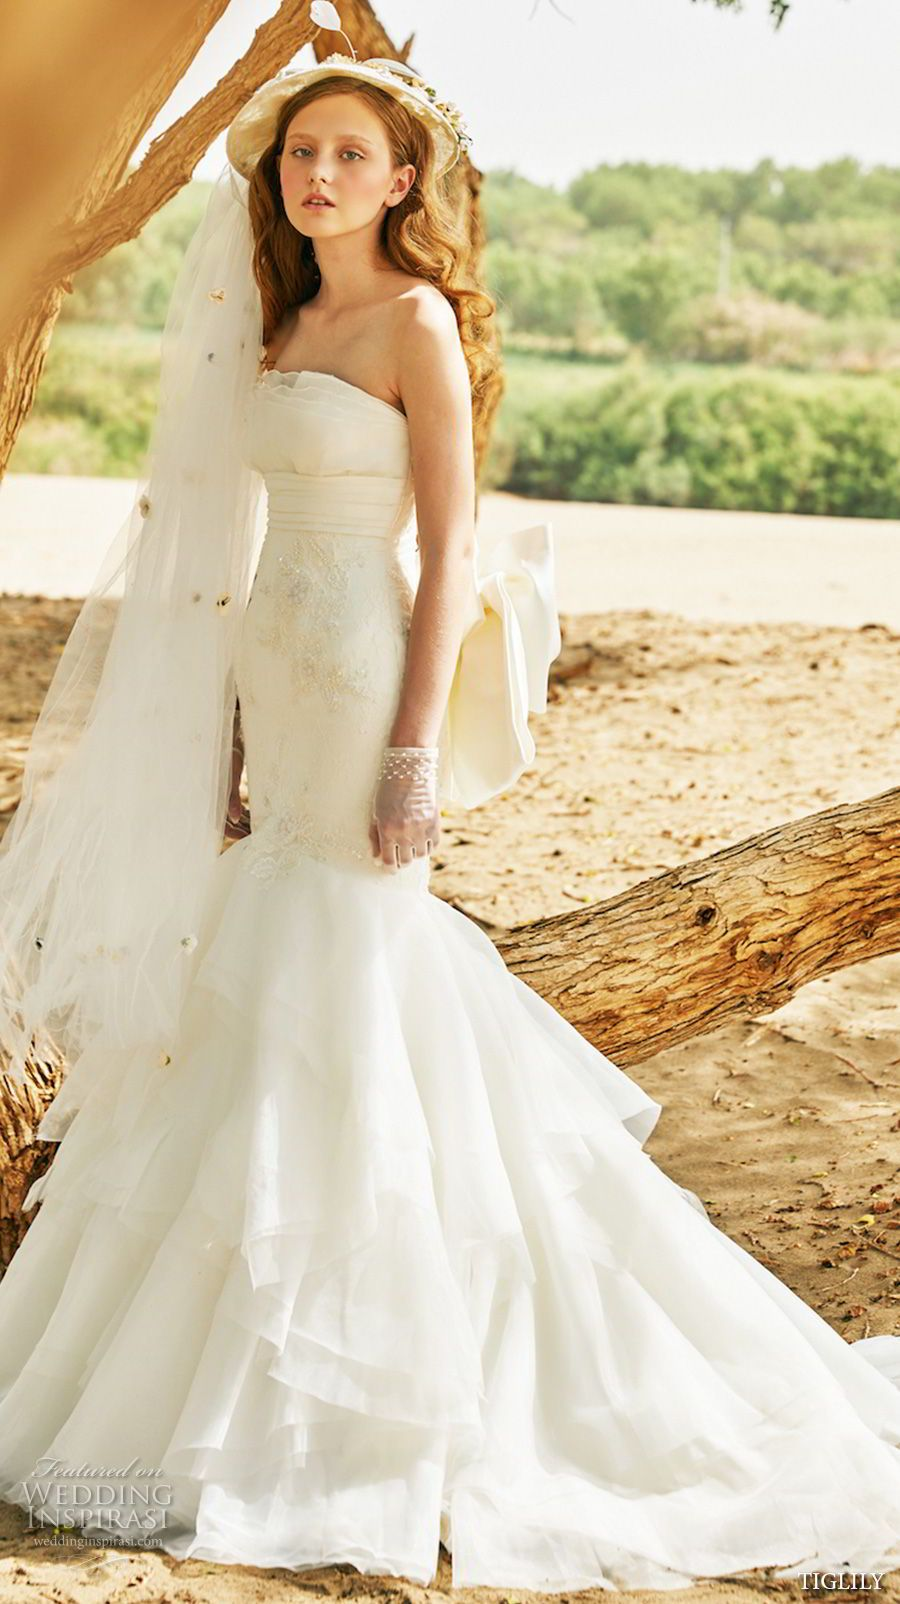 Tiglily wedding dresses mermaid wedding dresses chapel train